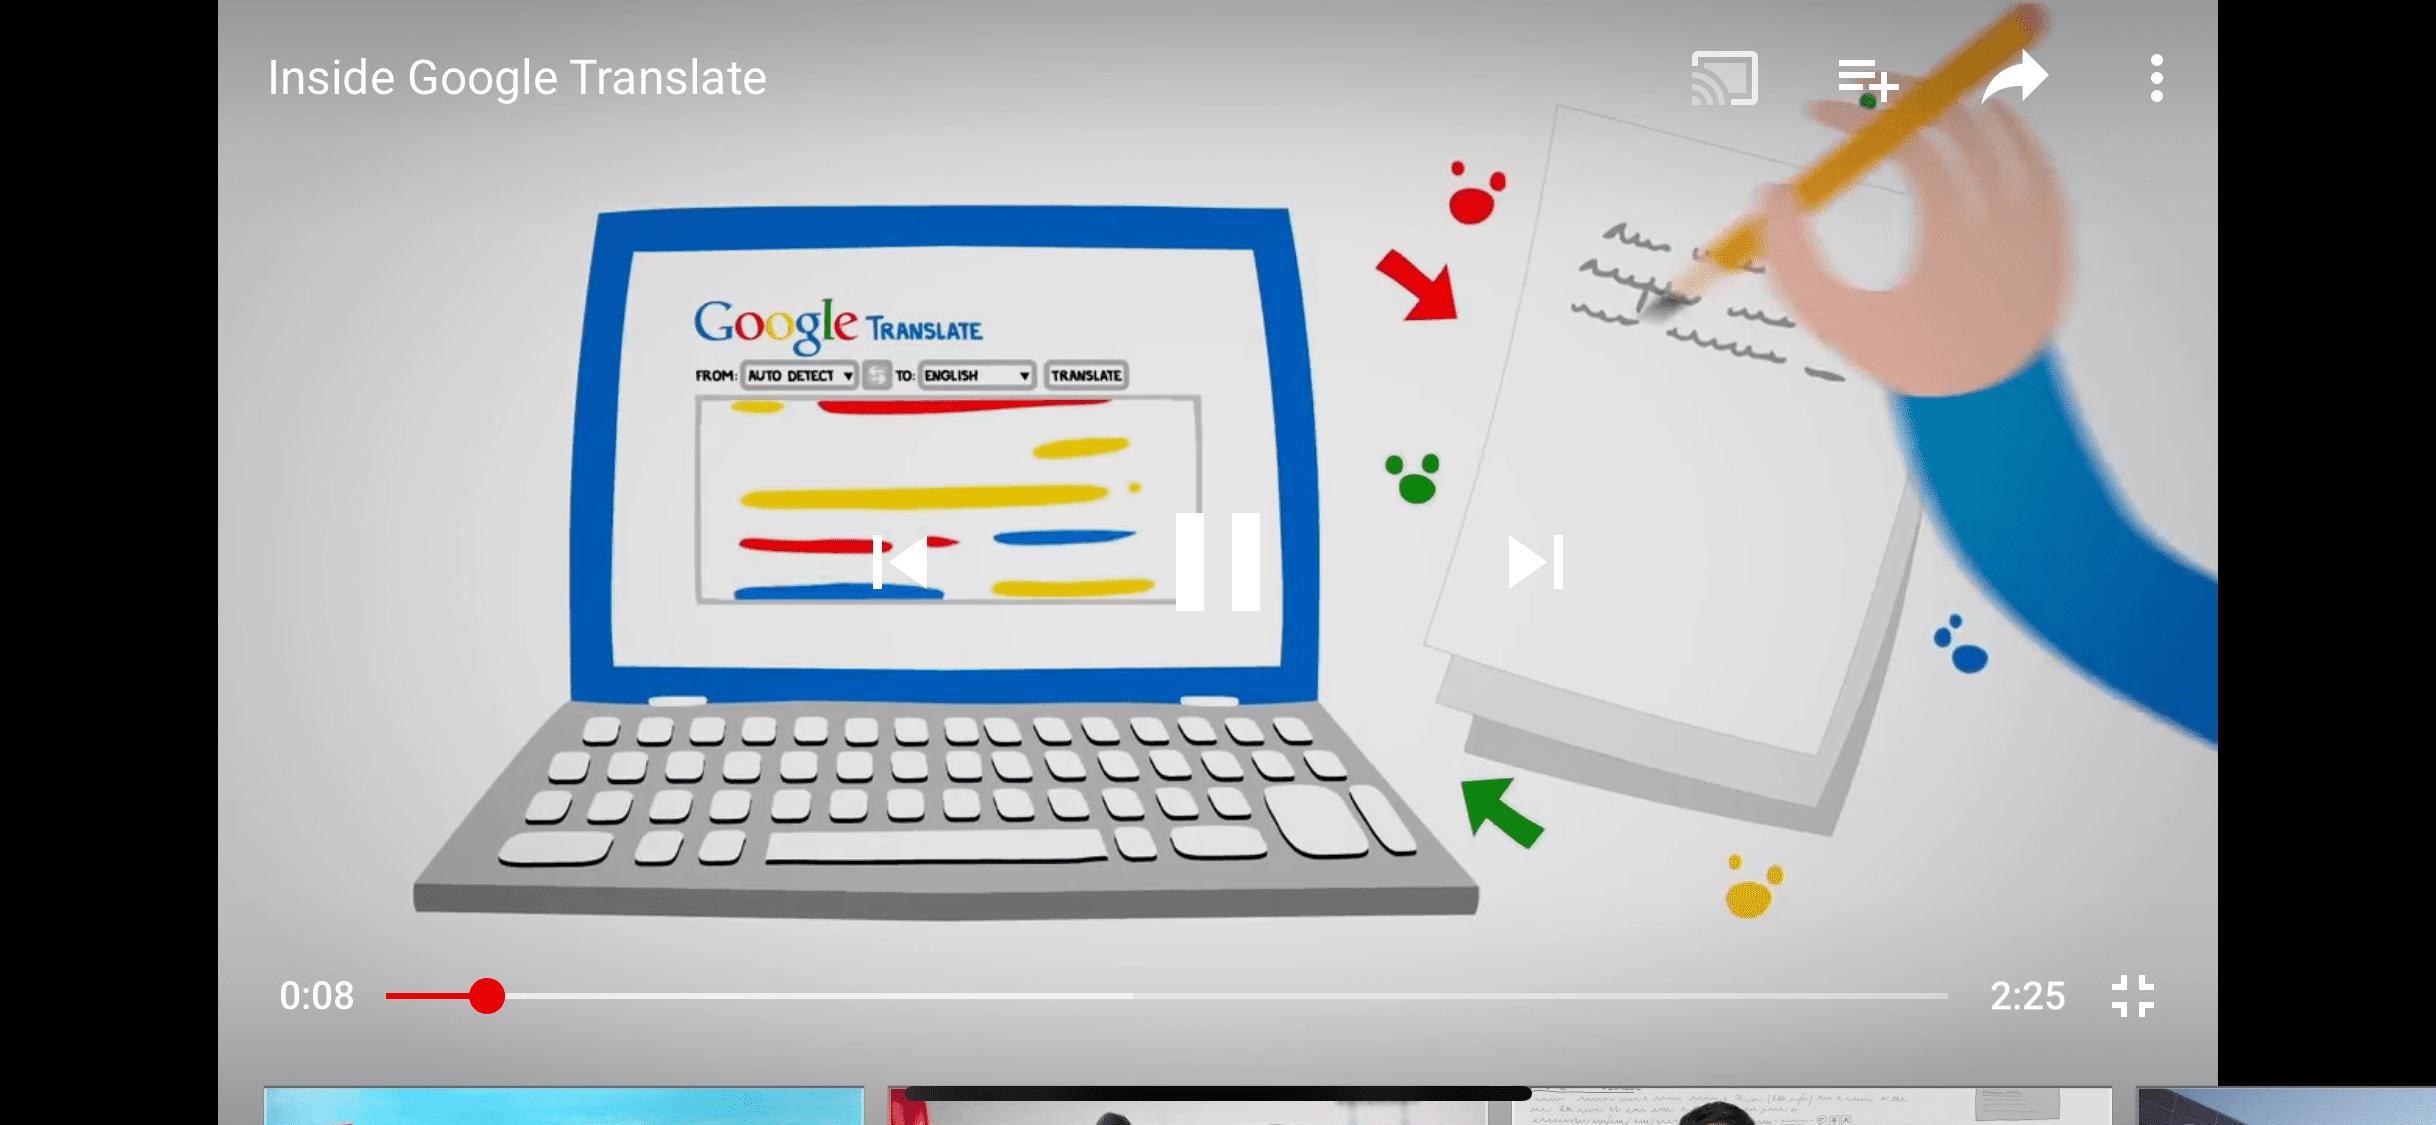 9 Google Chromecast Hacks to Make Life Easier